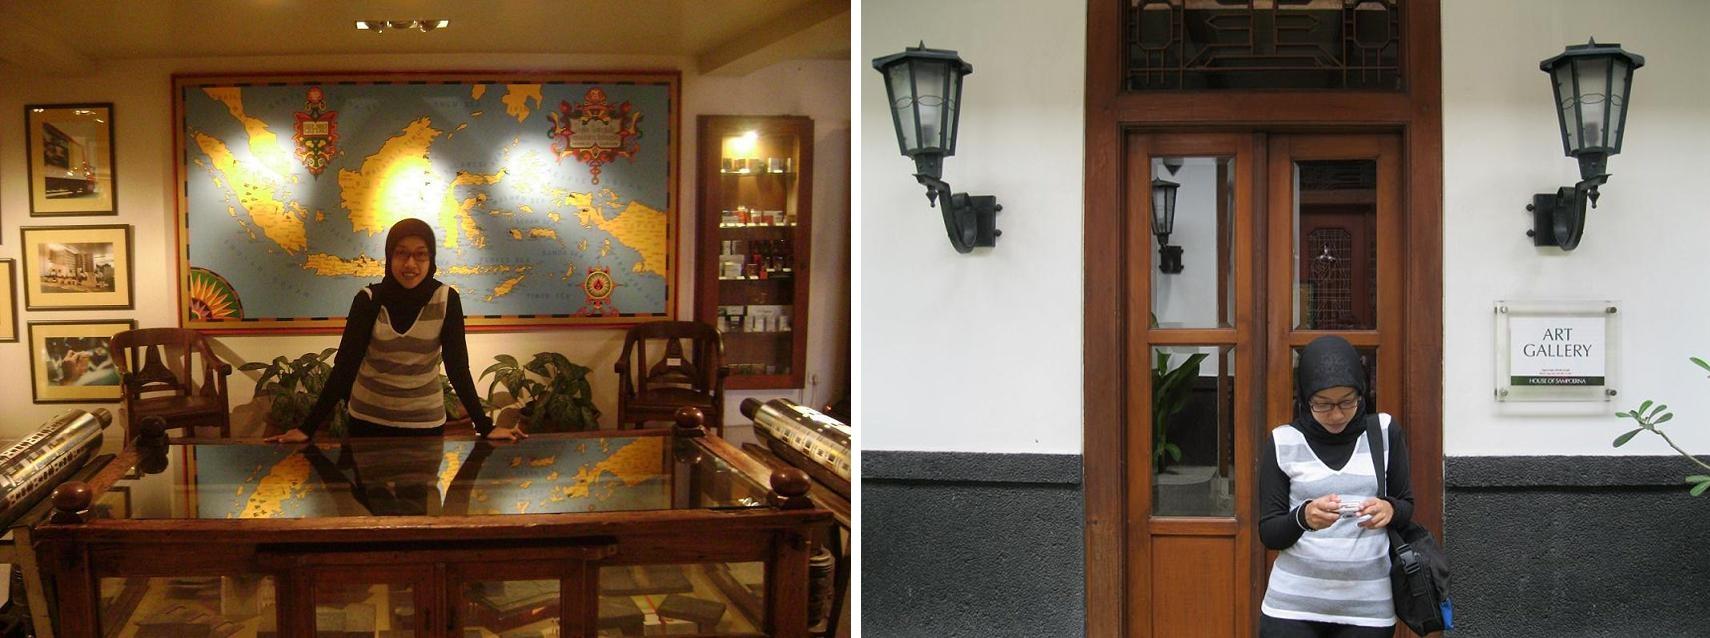 House Sampoerna Heritage Travelling Ala Surabaya Ninik Museum Rumah Kota